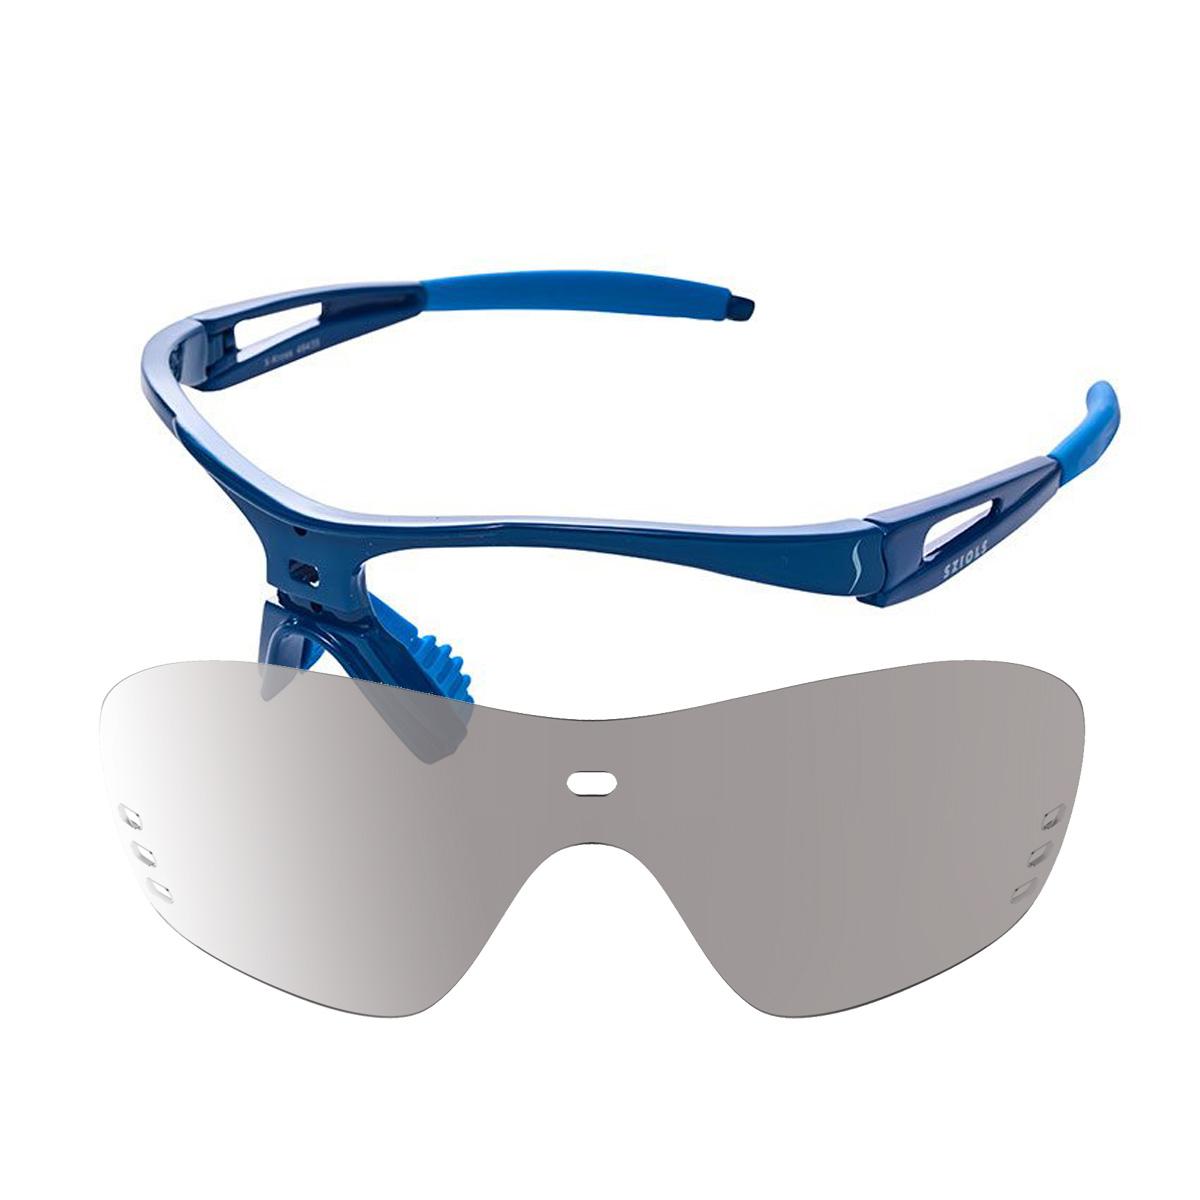 X-Kross Bike - Sziols - dark shiny blue - mb49435